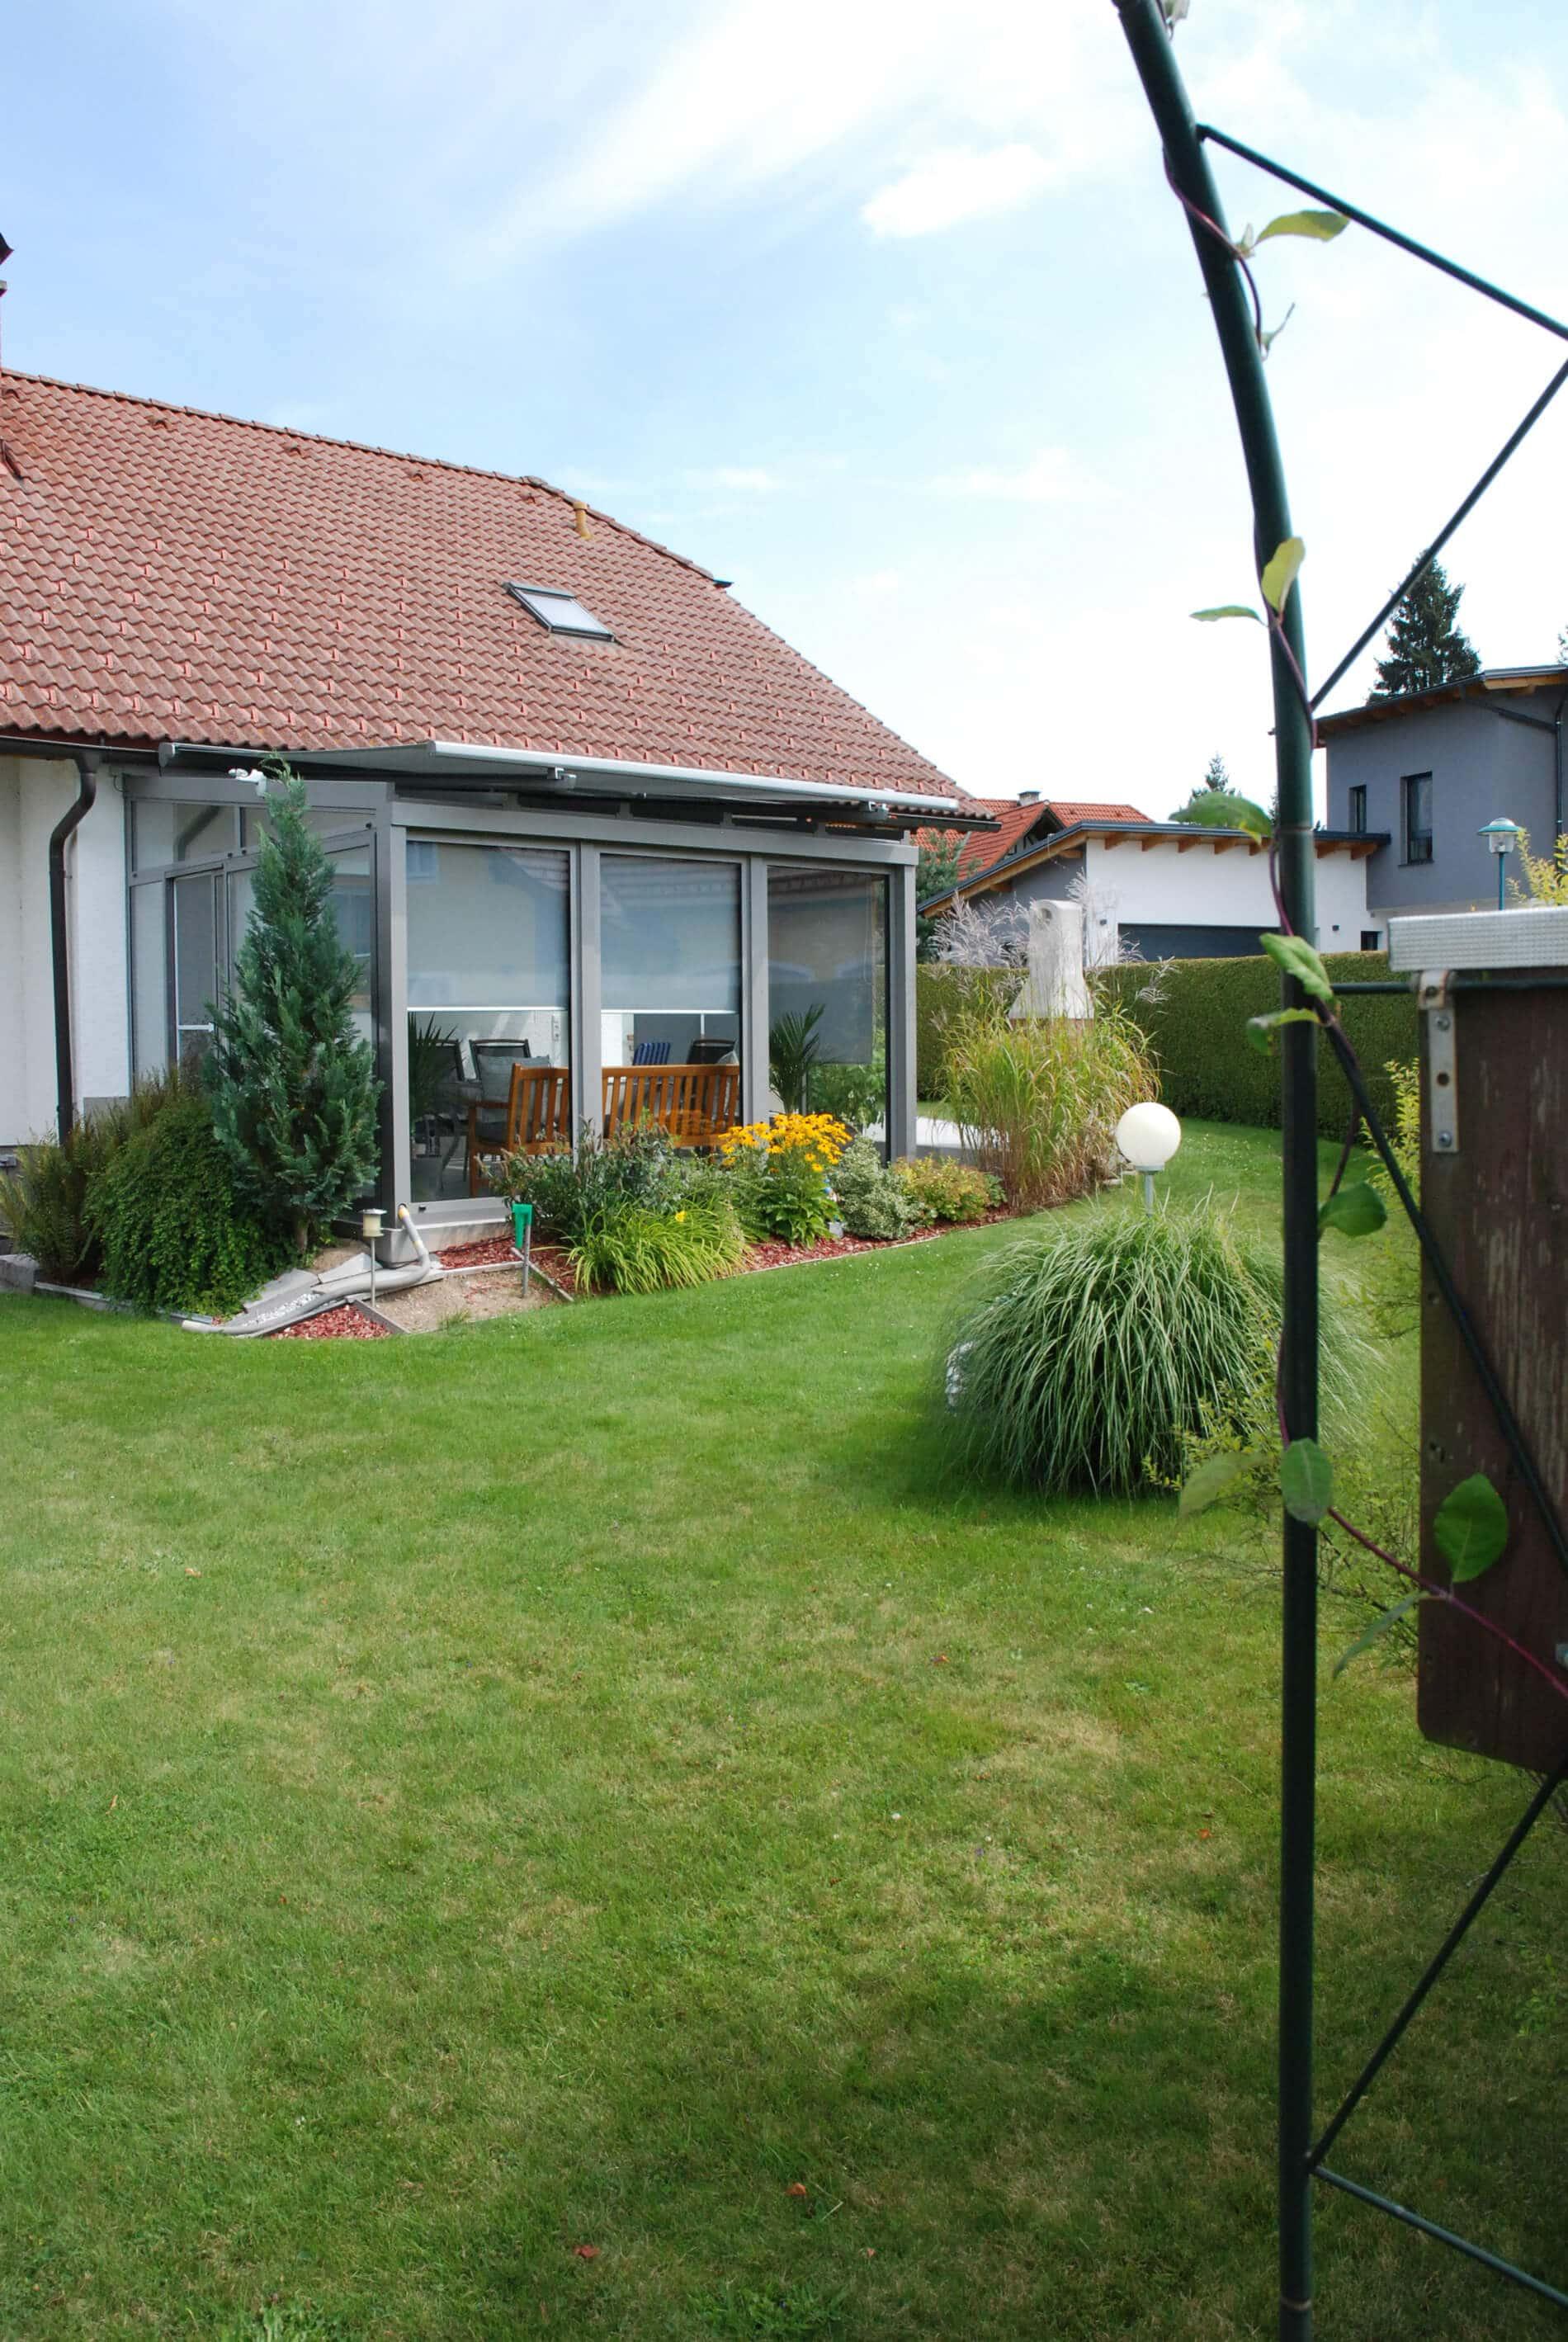 Kalter Anbau Wintergarten mit Pultdach